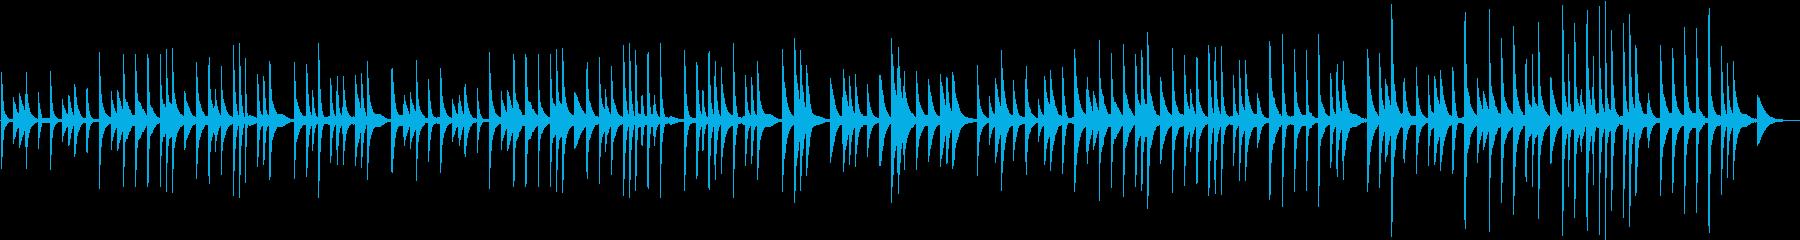 ピアノのゆったりとした曲の再生済みの波形